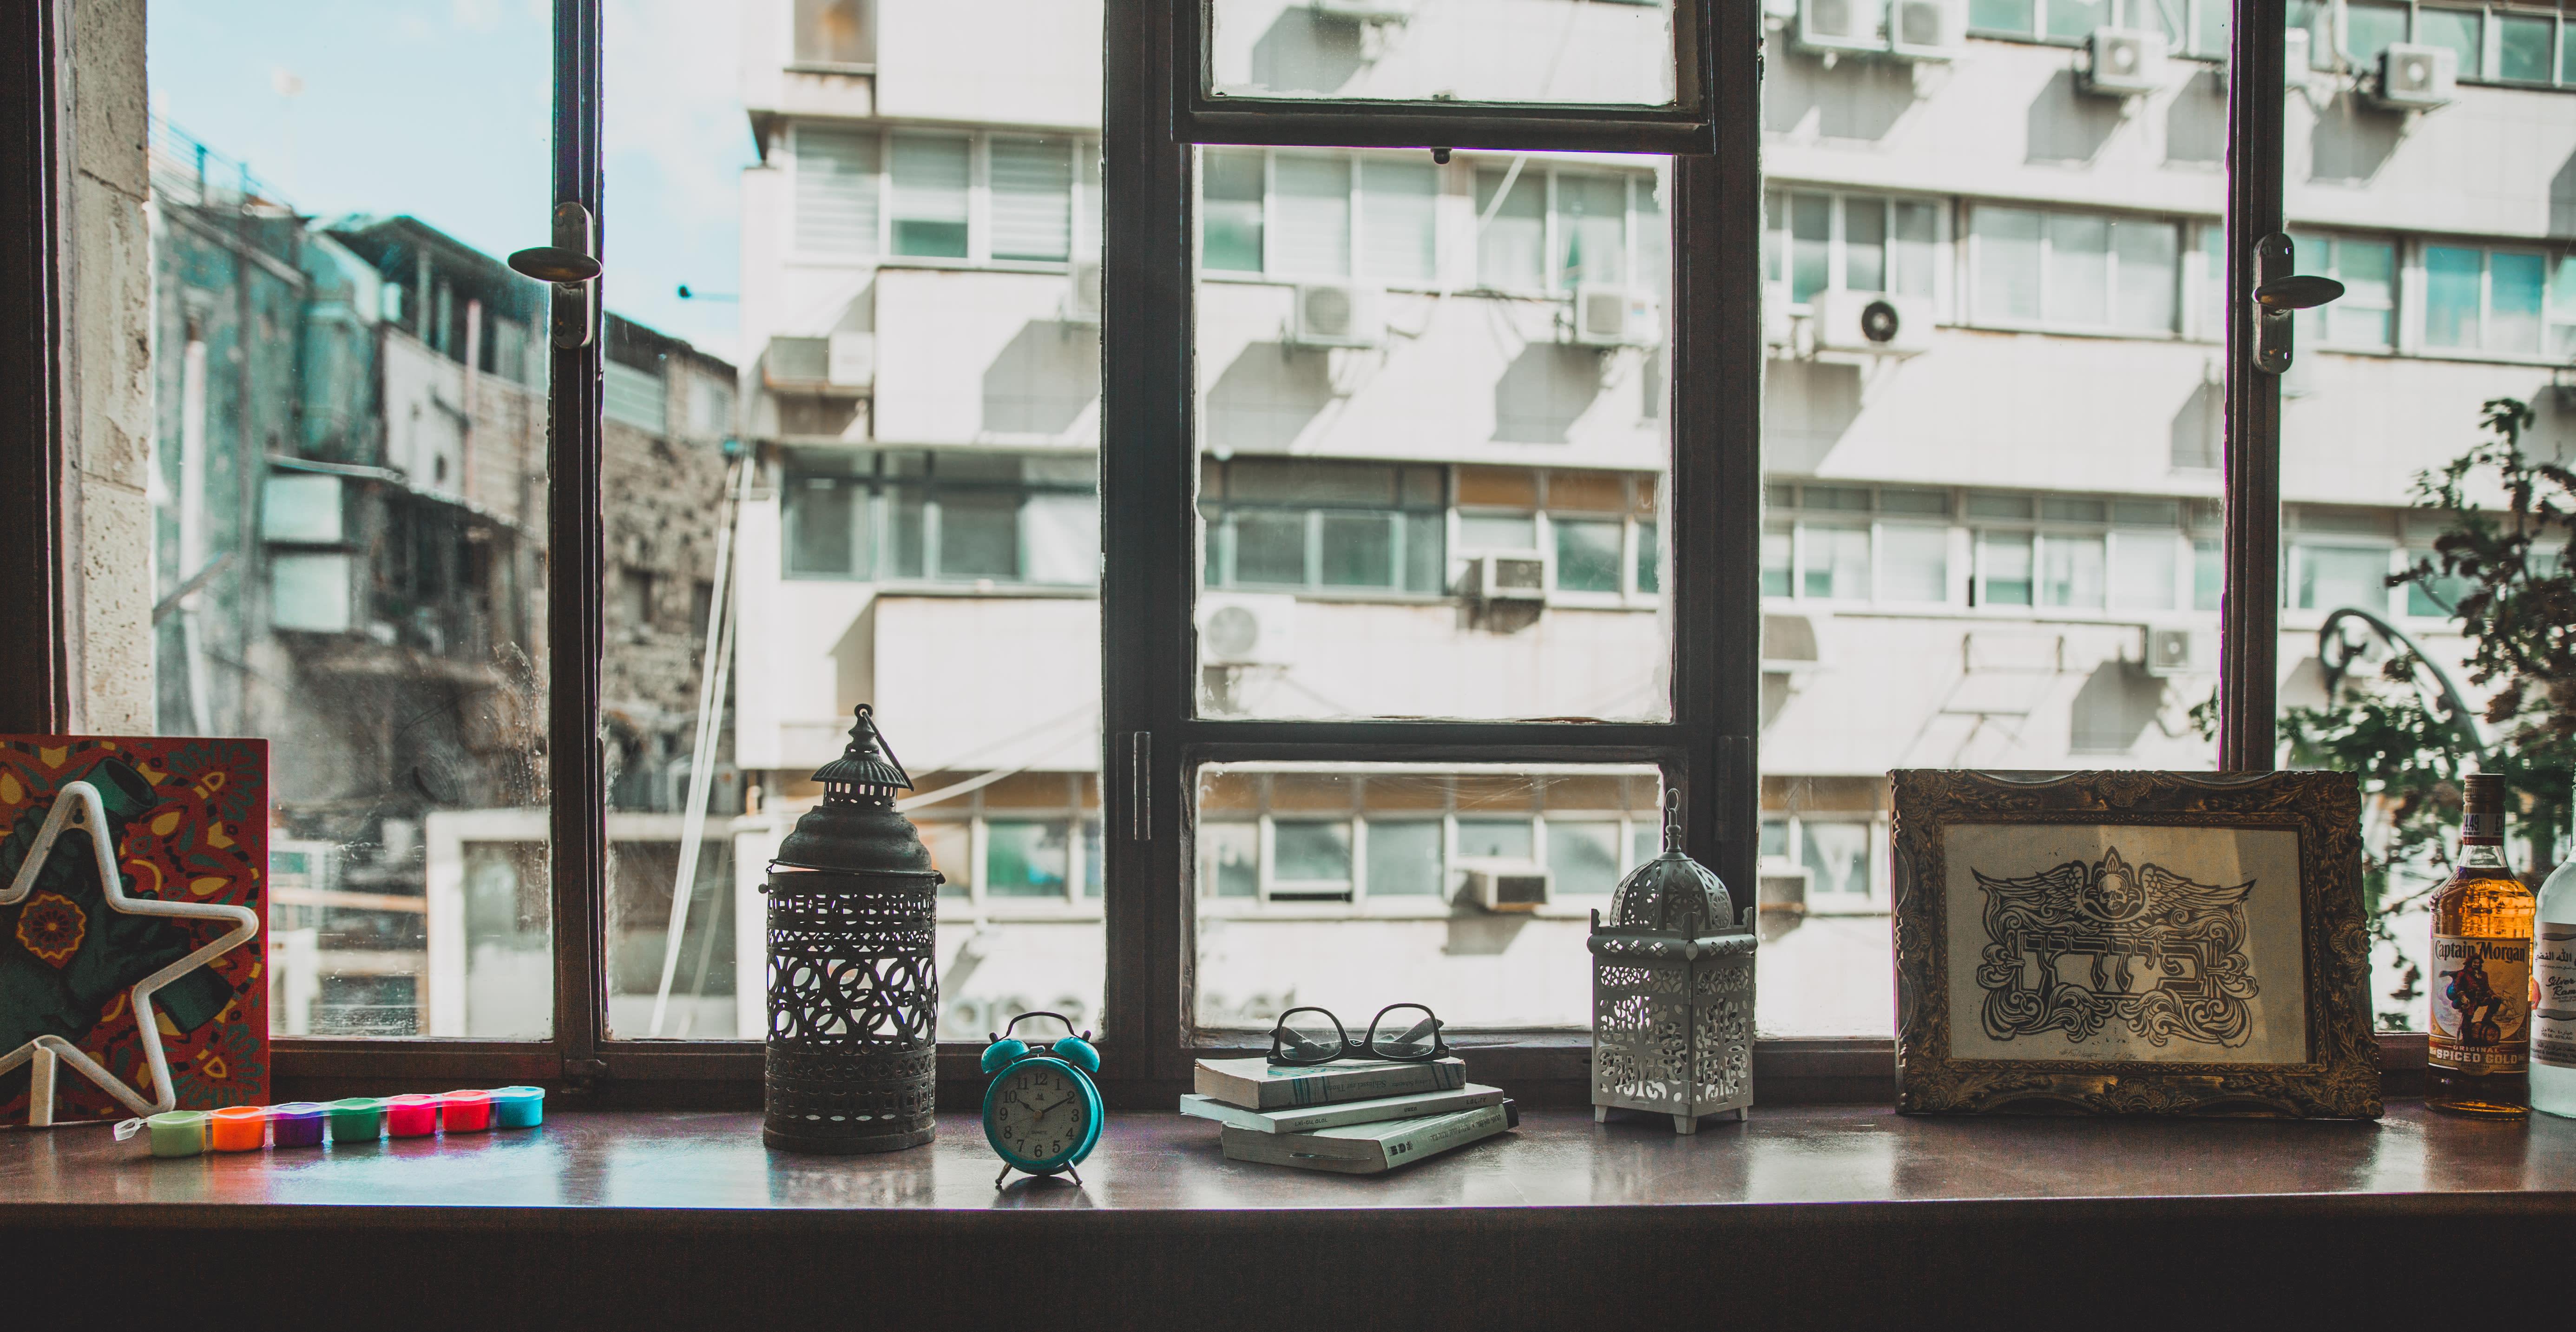 HOSTEL - Poundak Hostel Venue